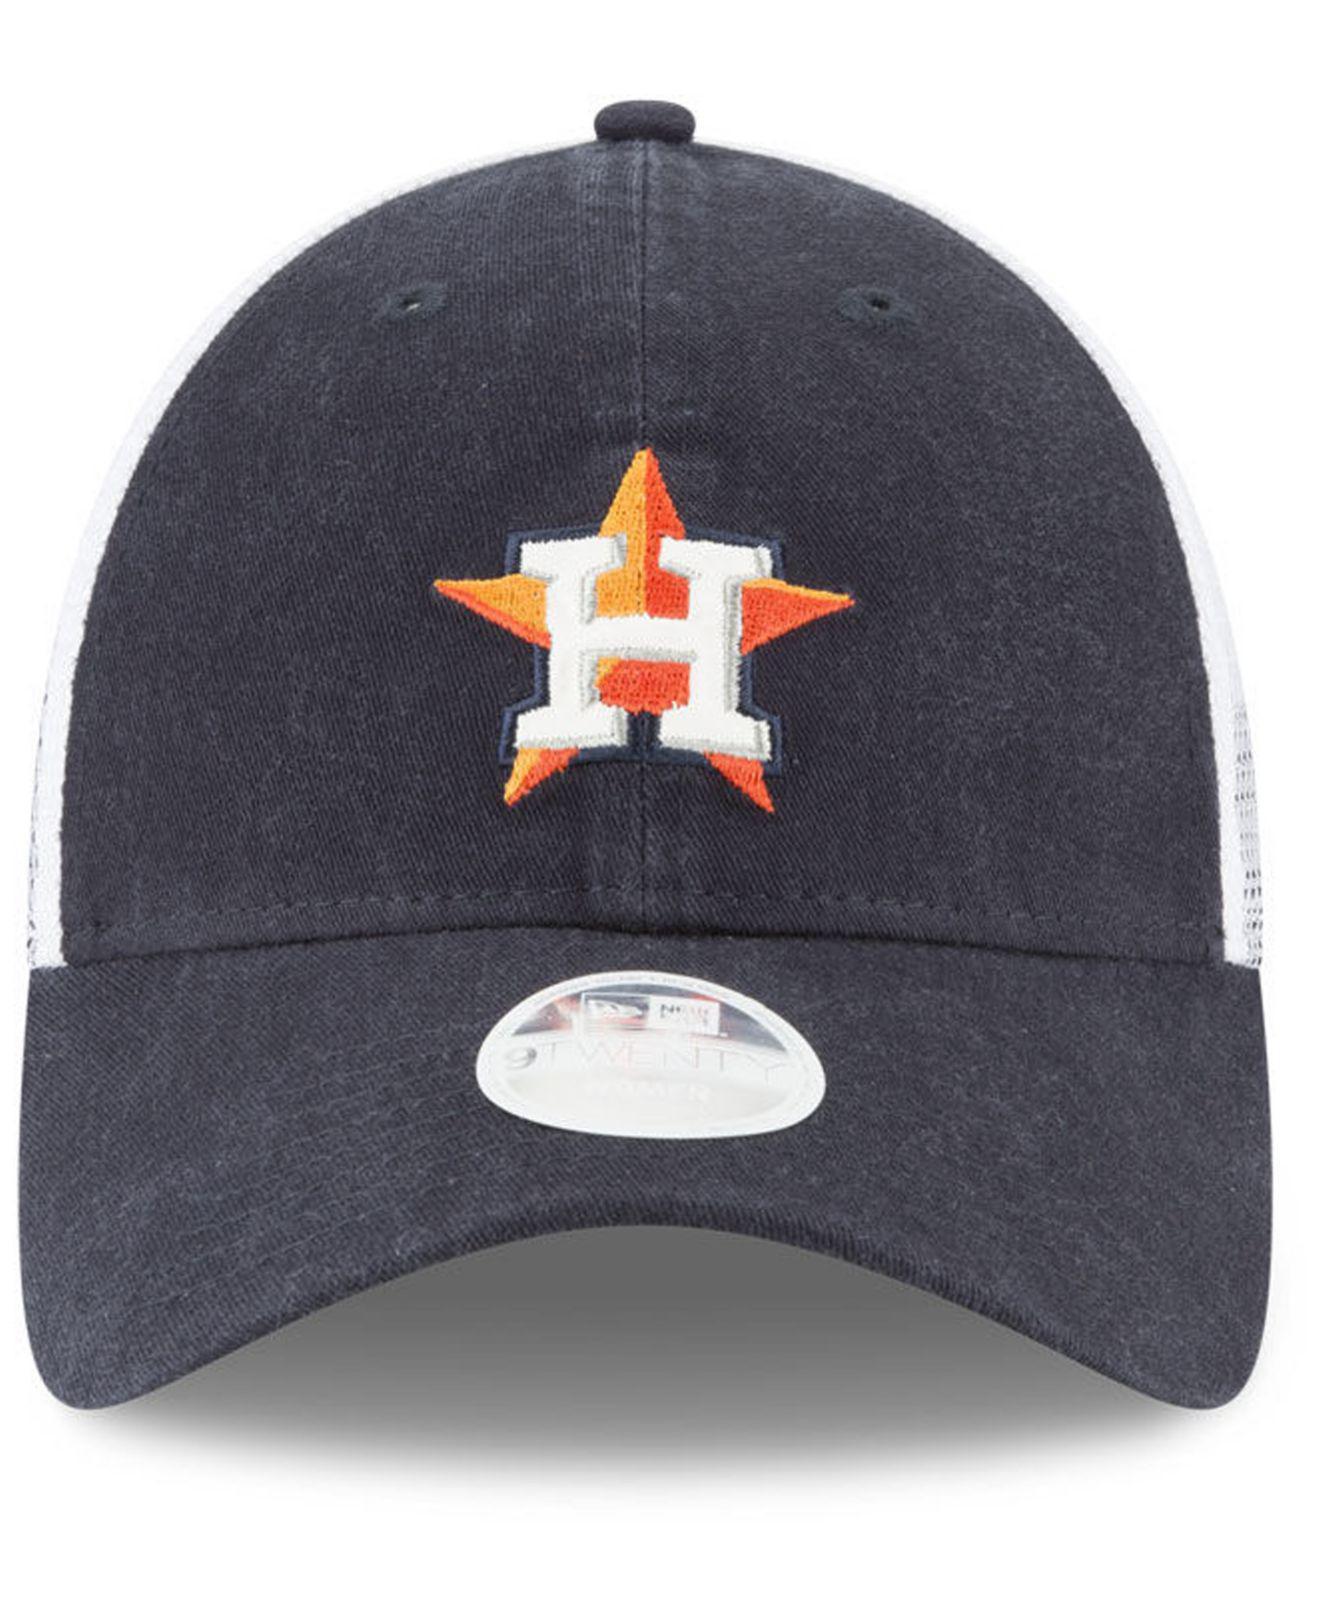 c5ce7654b5c ... best lyst ktz houston astros trucker shine 9twenty cap in blue for men  e46d6 d4c18